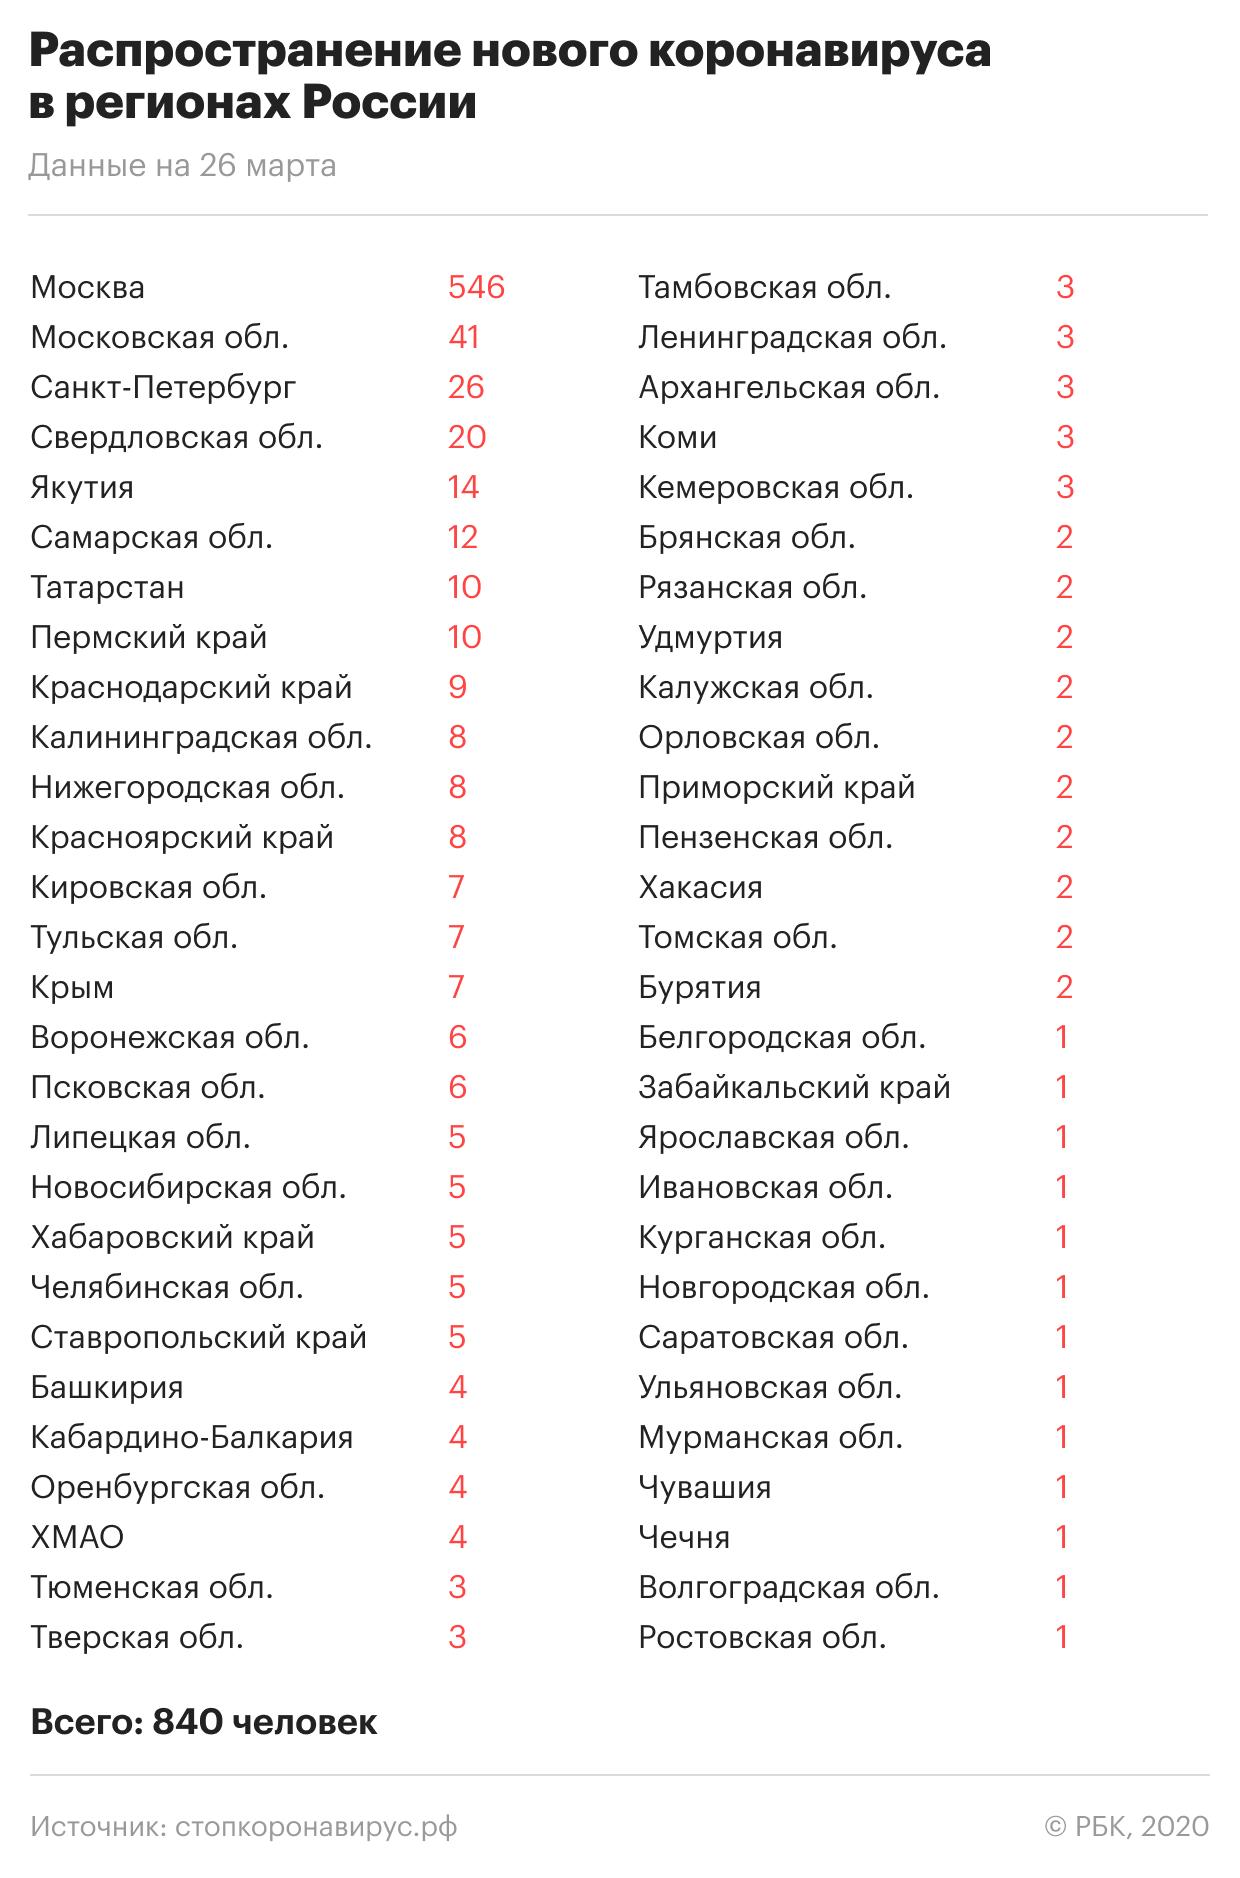 «Китайский коронавирус в России»: Где и сколько заболевших на сегодня, последние новости на 27.03.2020 — Симптомы, чем опасен, как лечиться и защититься